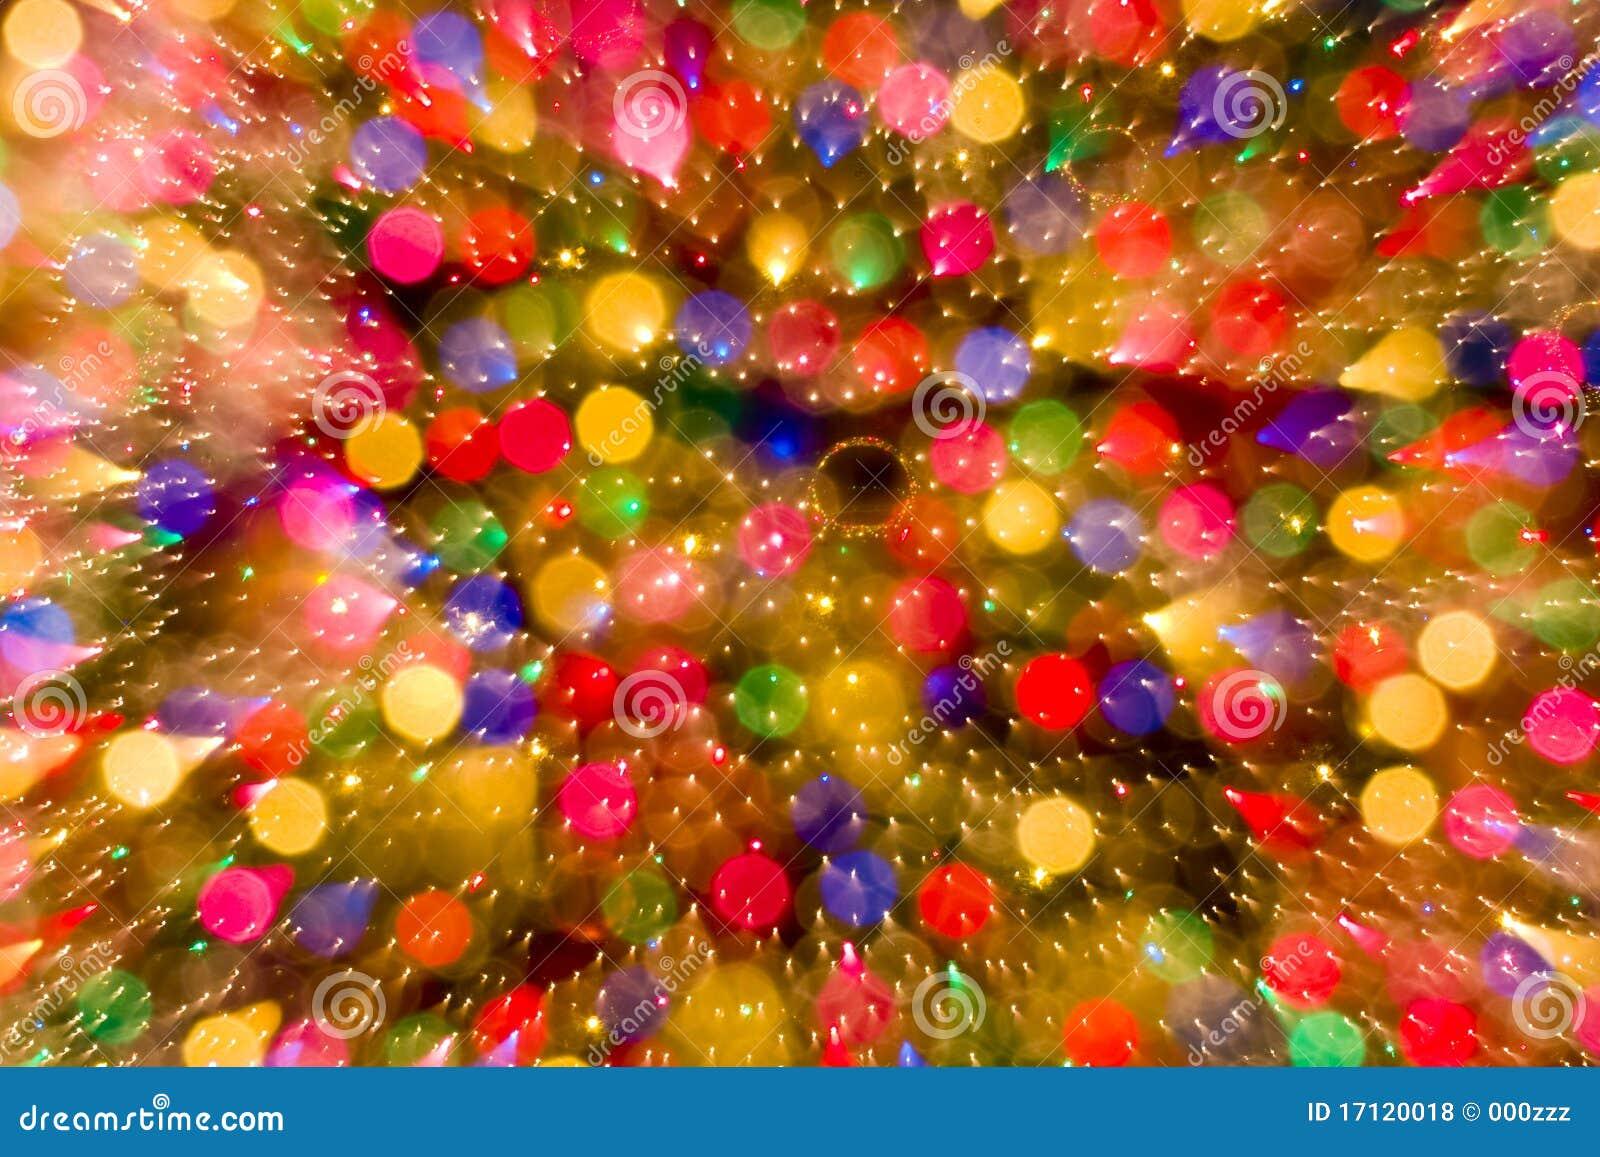 #C38A08 Fond Abstrait De Couleur De Lumières De Bokeh De Noël  5327 decorations de noel au japon 1300x957 px @ aertt.com